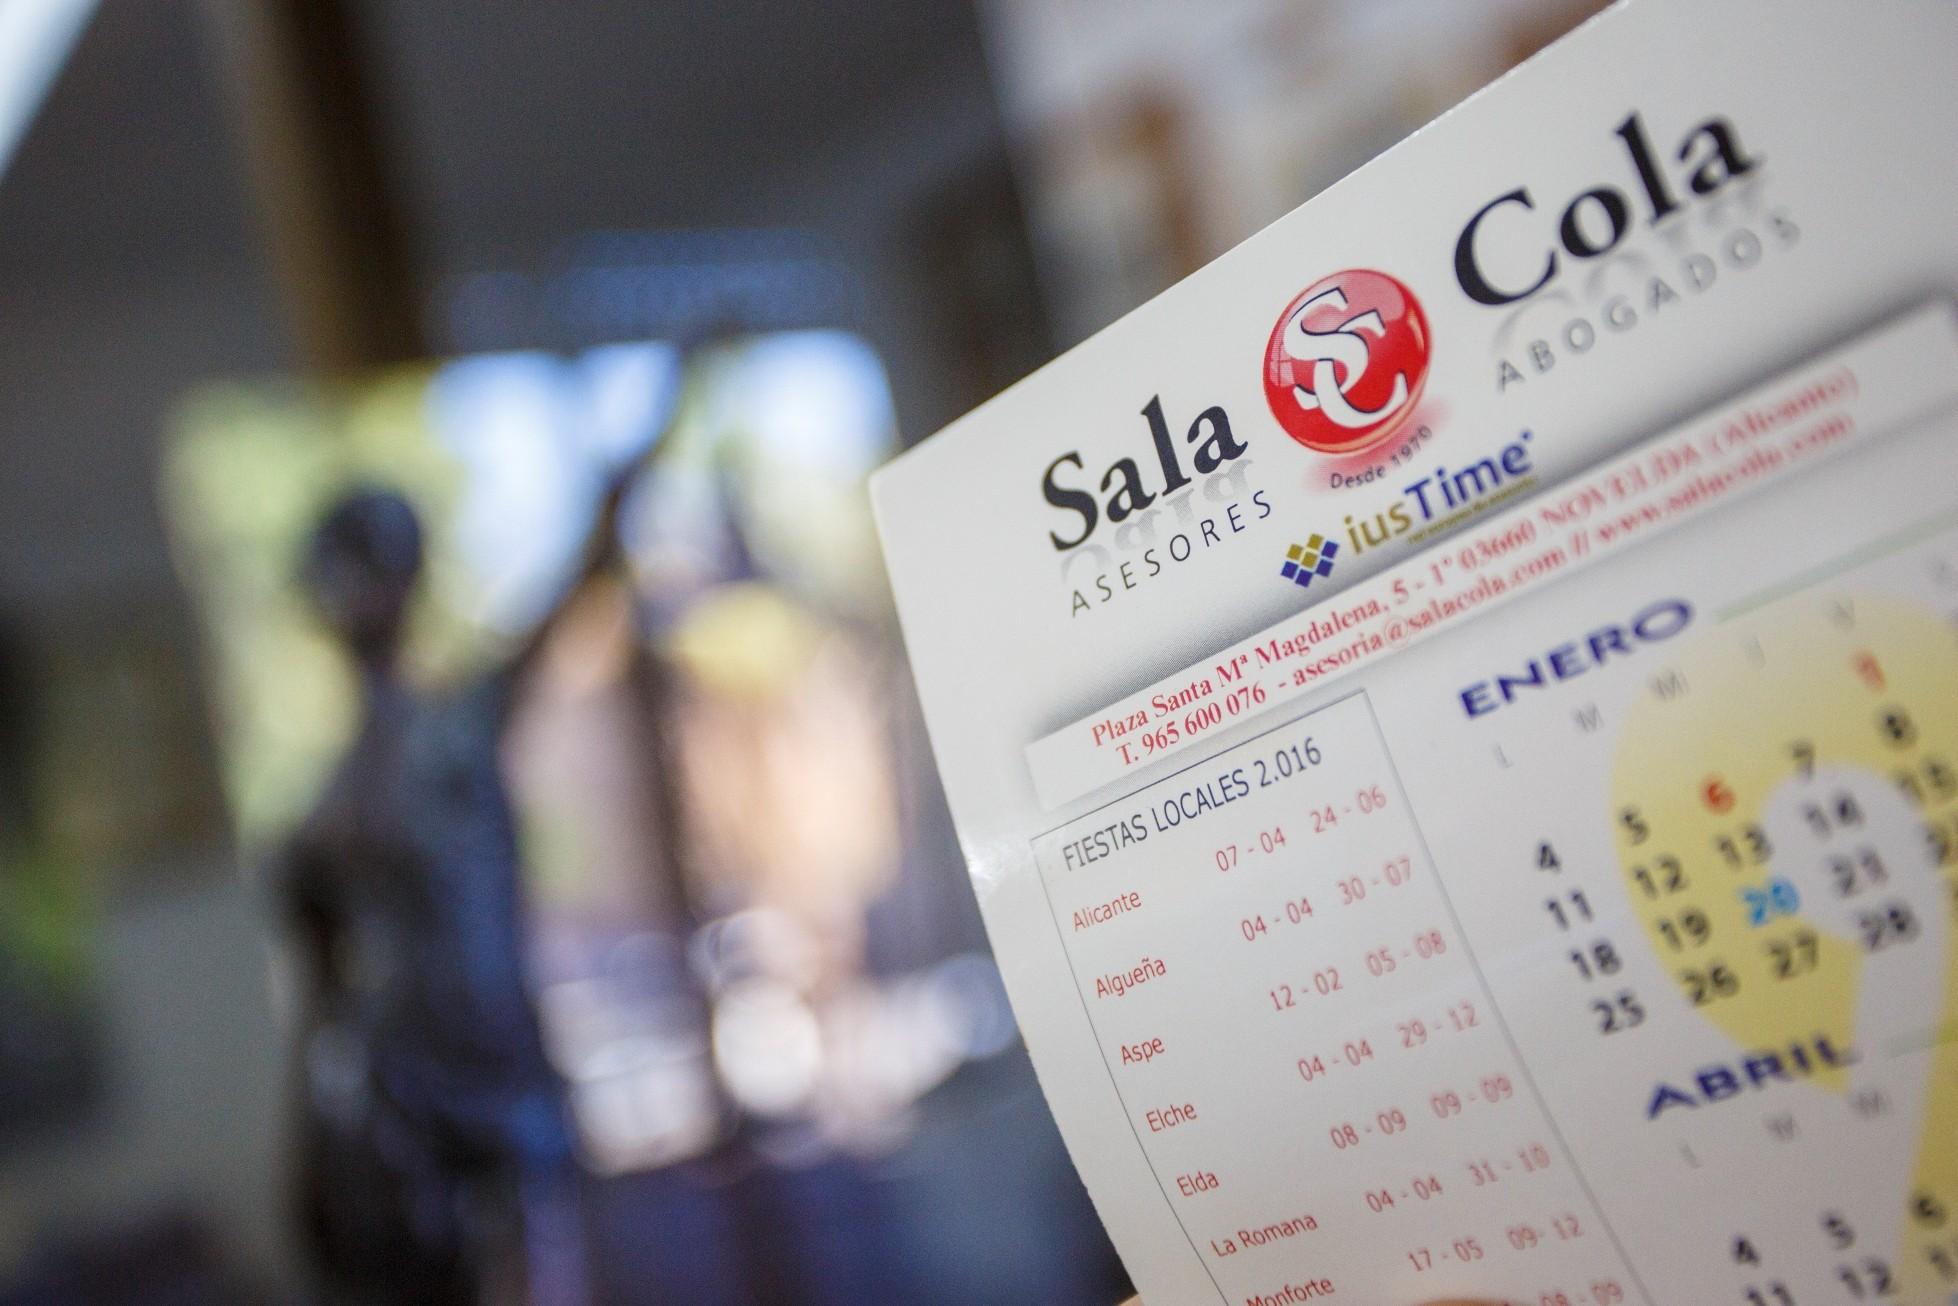 El calendario laboral de 2019 – Sala Cola – Abogados y Asesores